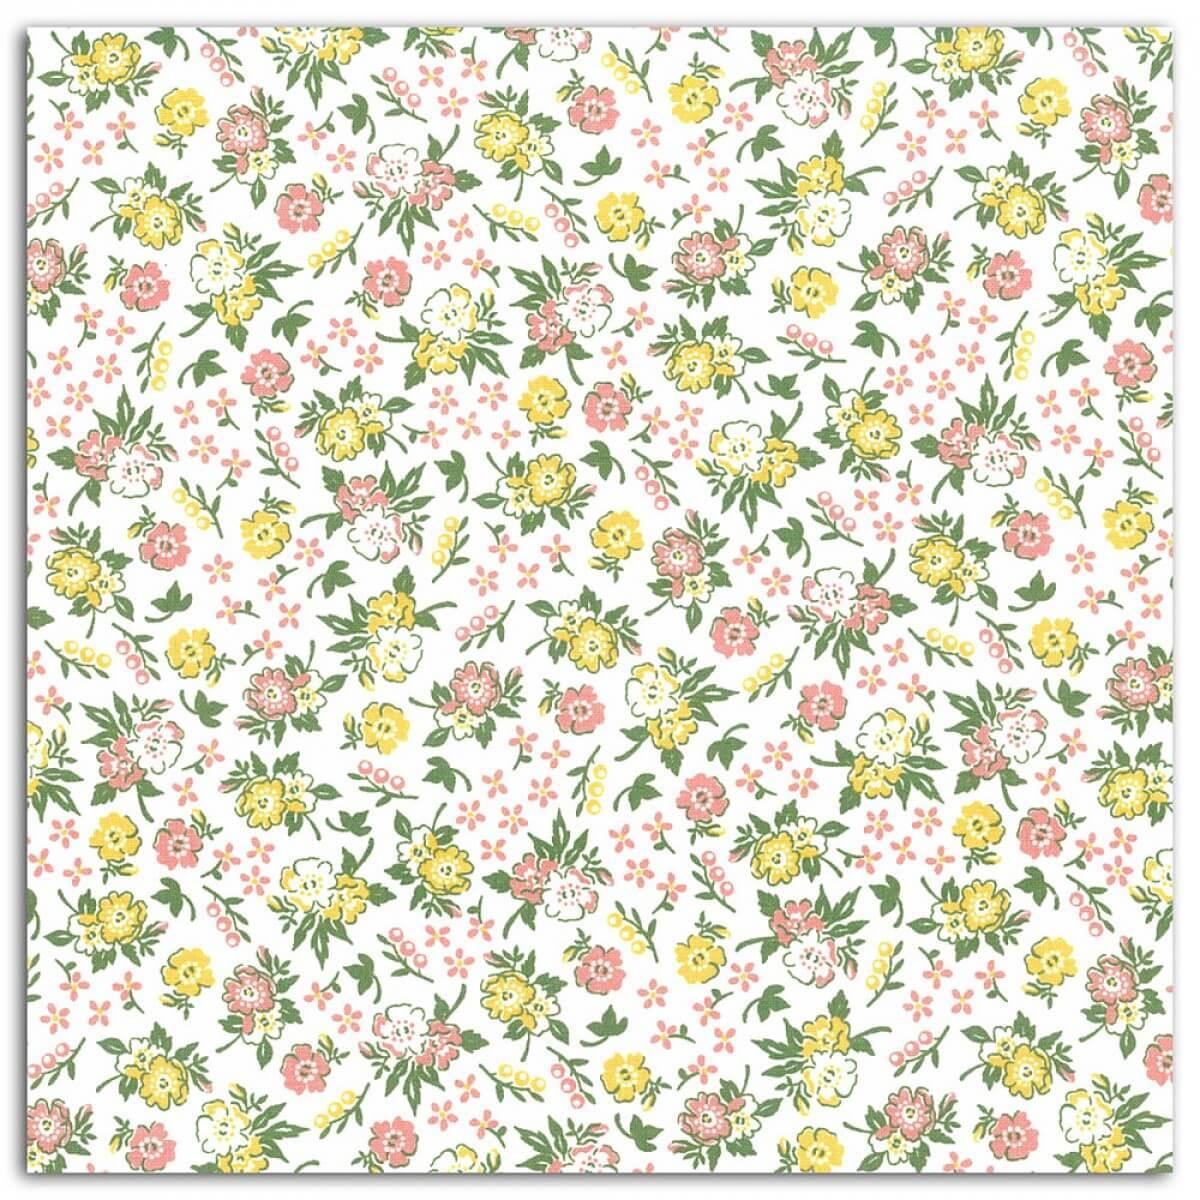 coupon tissu coton enduit 45x53 cm fleuri corail vert. Black Bedroom Furniture Sets. Home Design Ideas